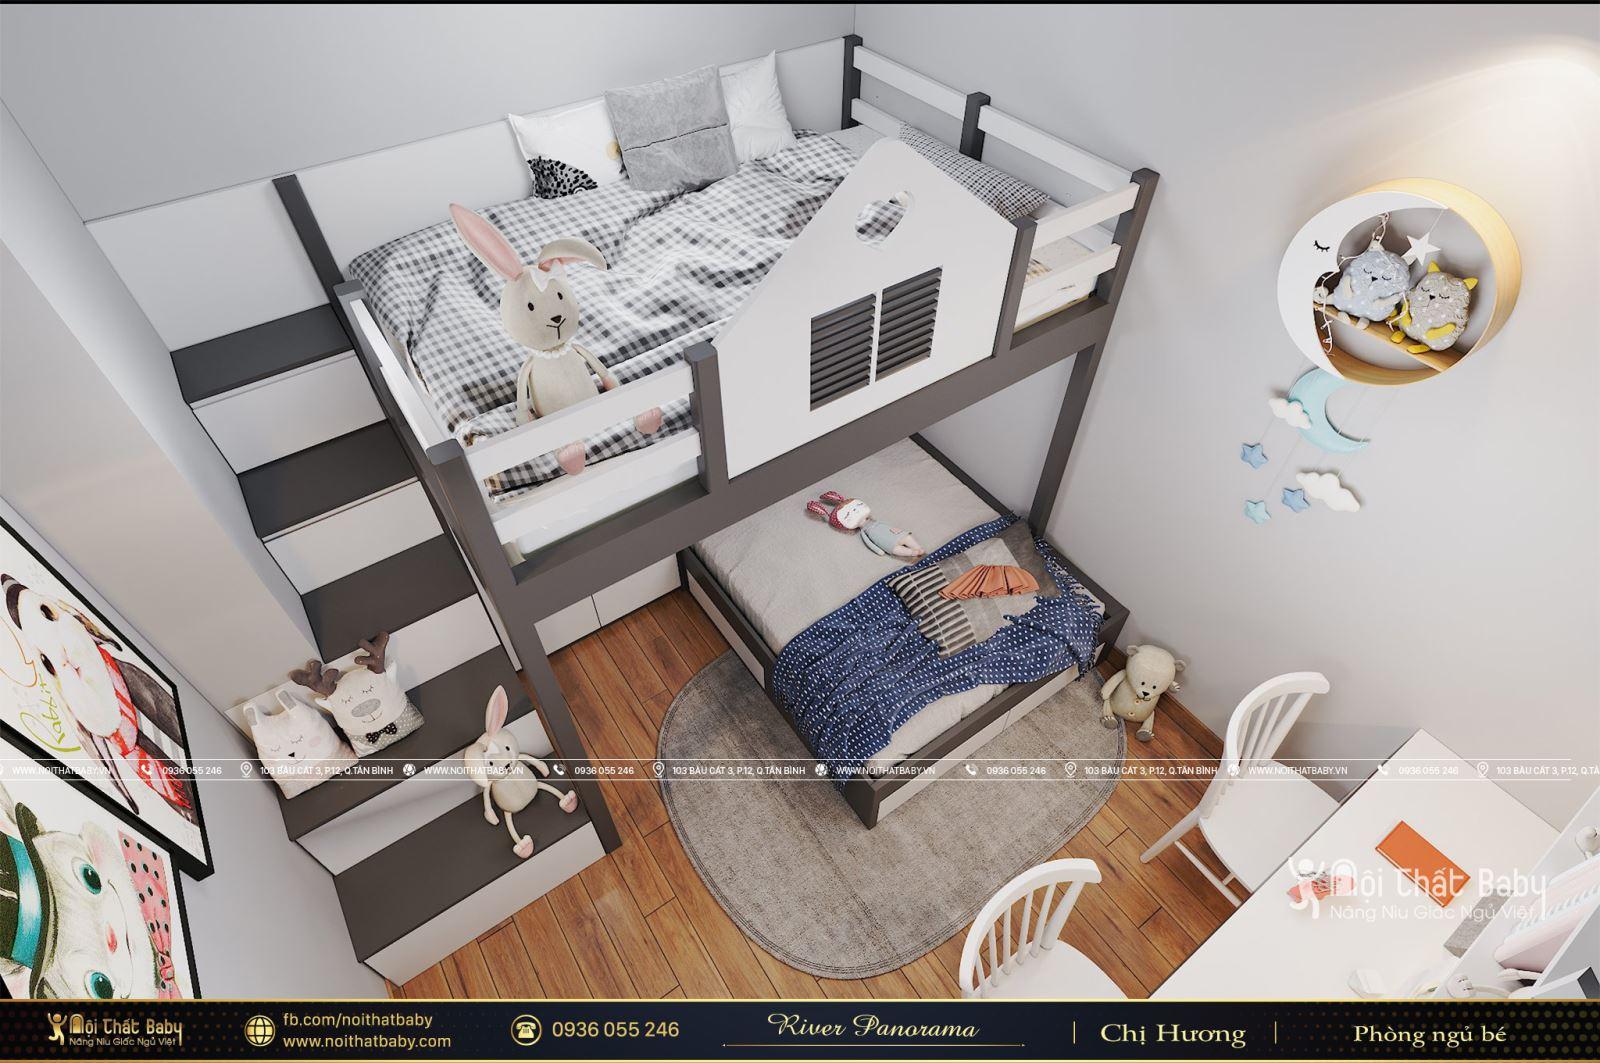 Mẫu giường tầng bé gái hiện đại tại River Panorama